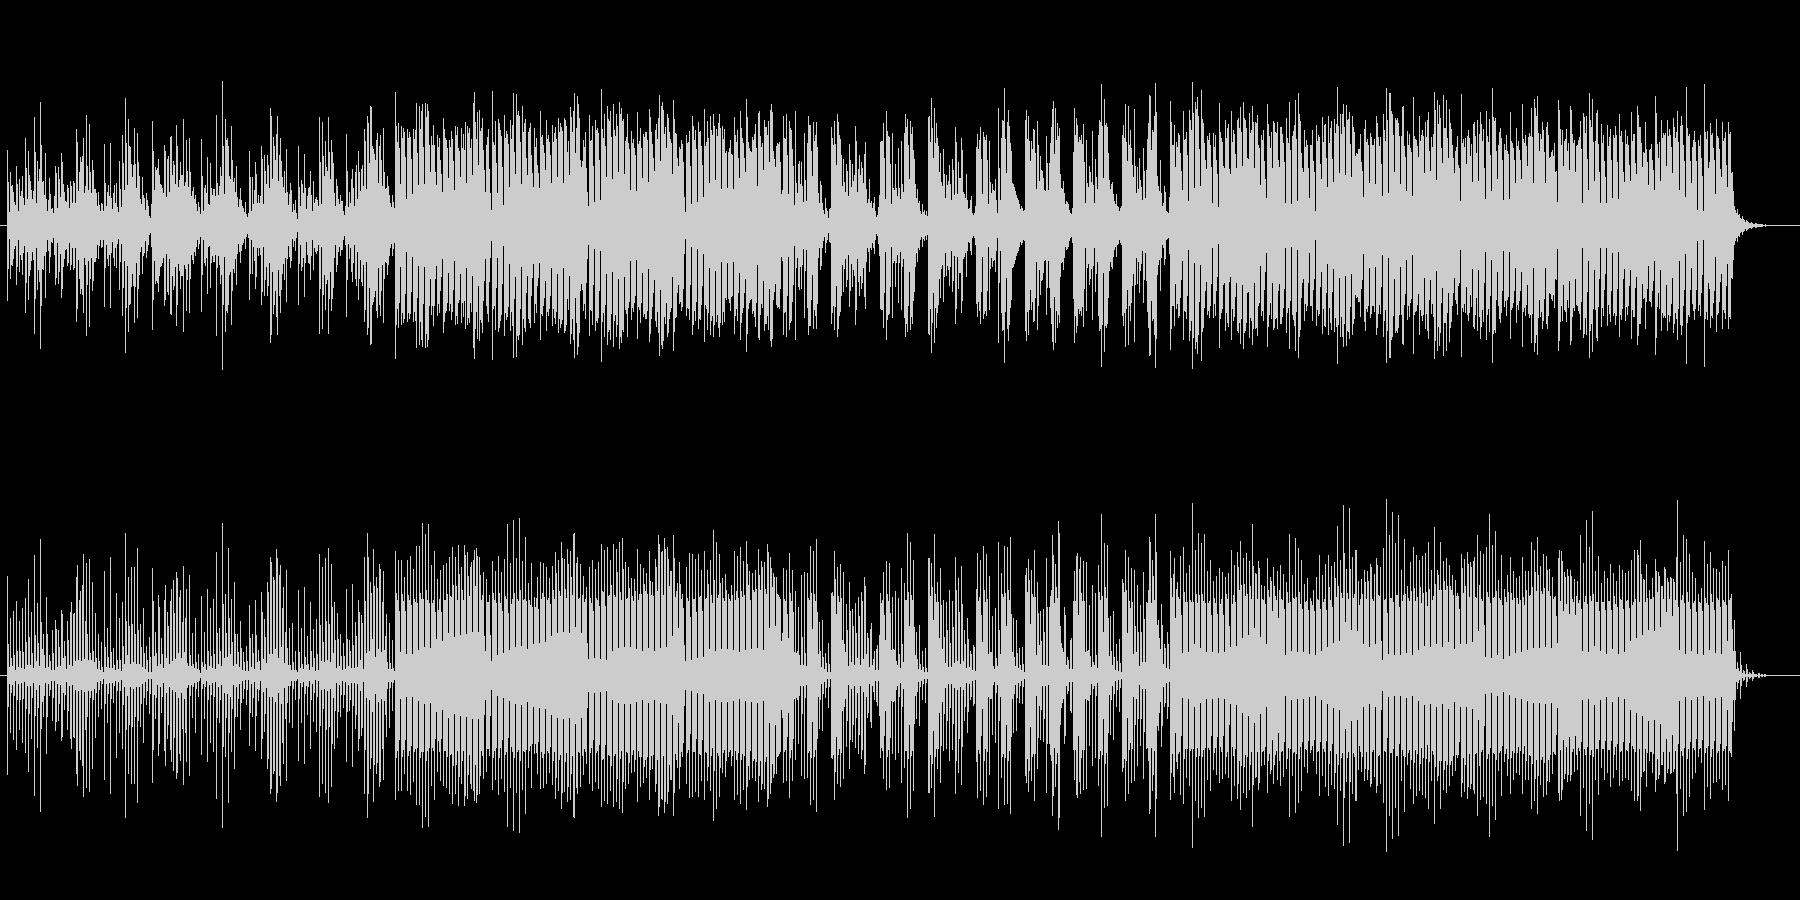 高音で変則ビートの打ち込み系テクノ曲の未再生の波形